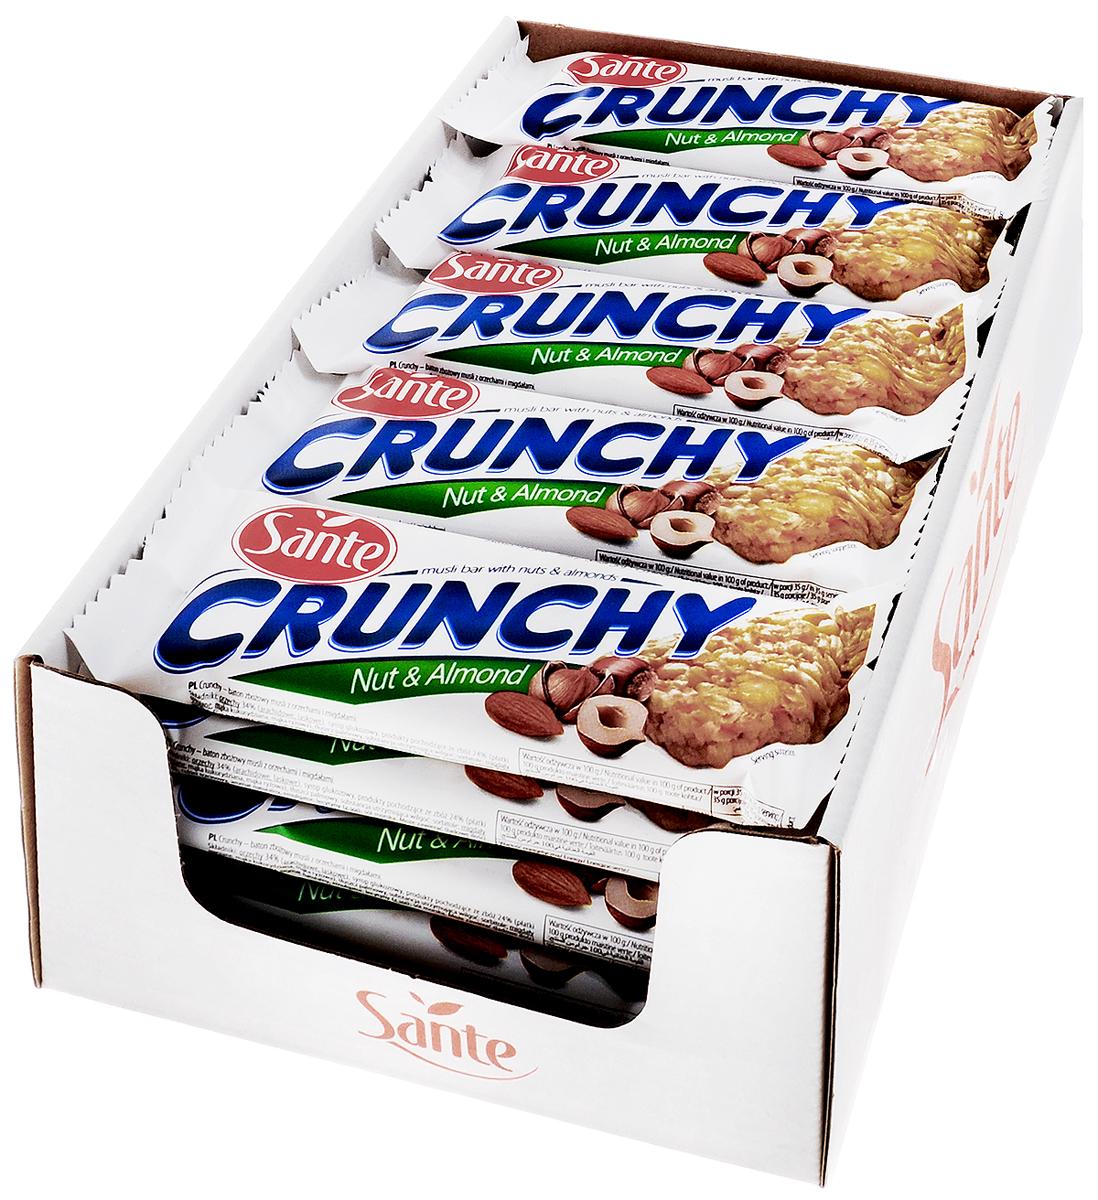 Sante Crunchy батончикмюслисорехами,35г (25 шт) bona vita батончик ореховый с семенами подсолнечника орехами и медом в шоколадной глазури 35 г